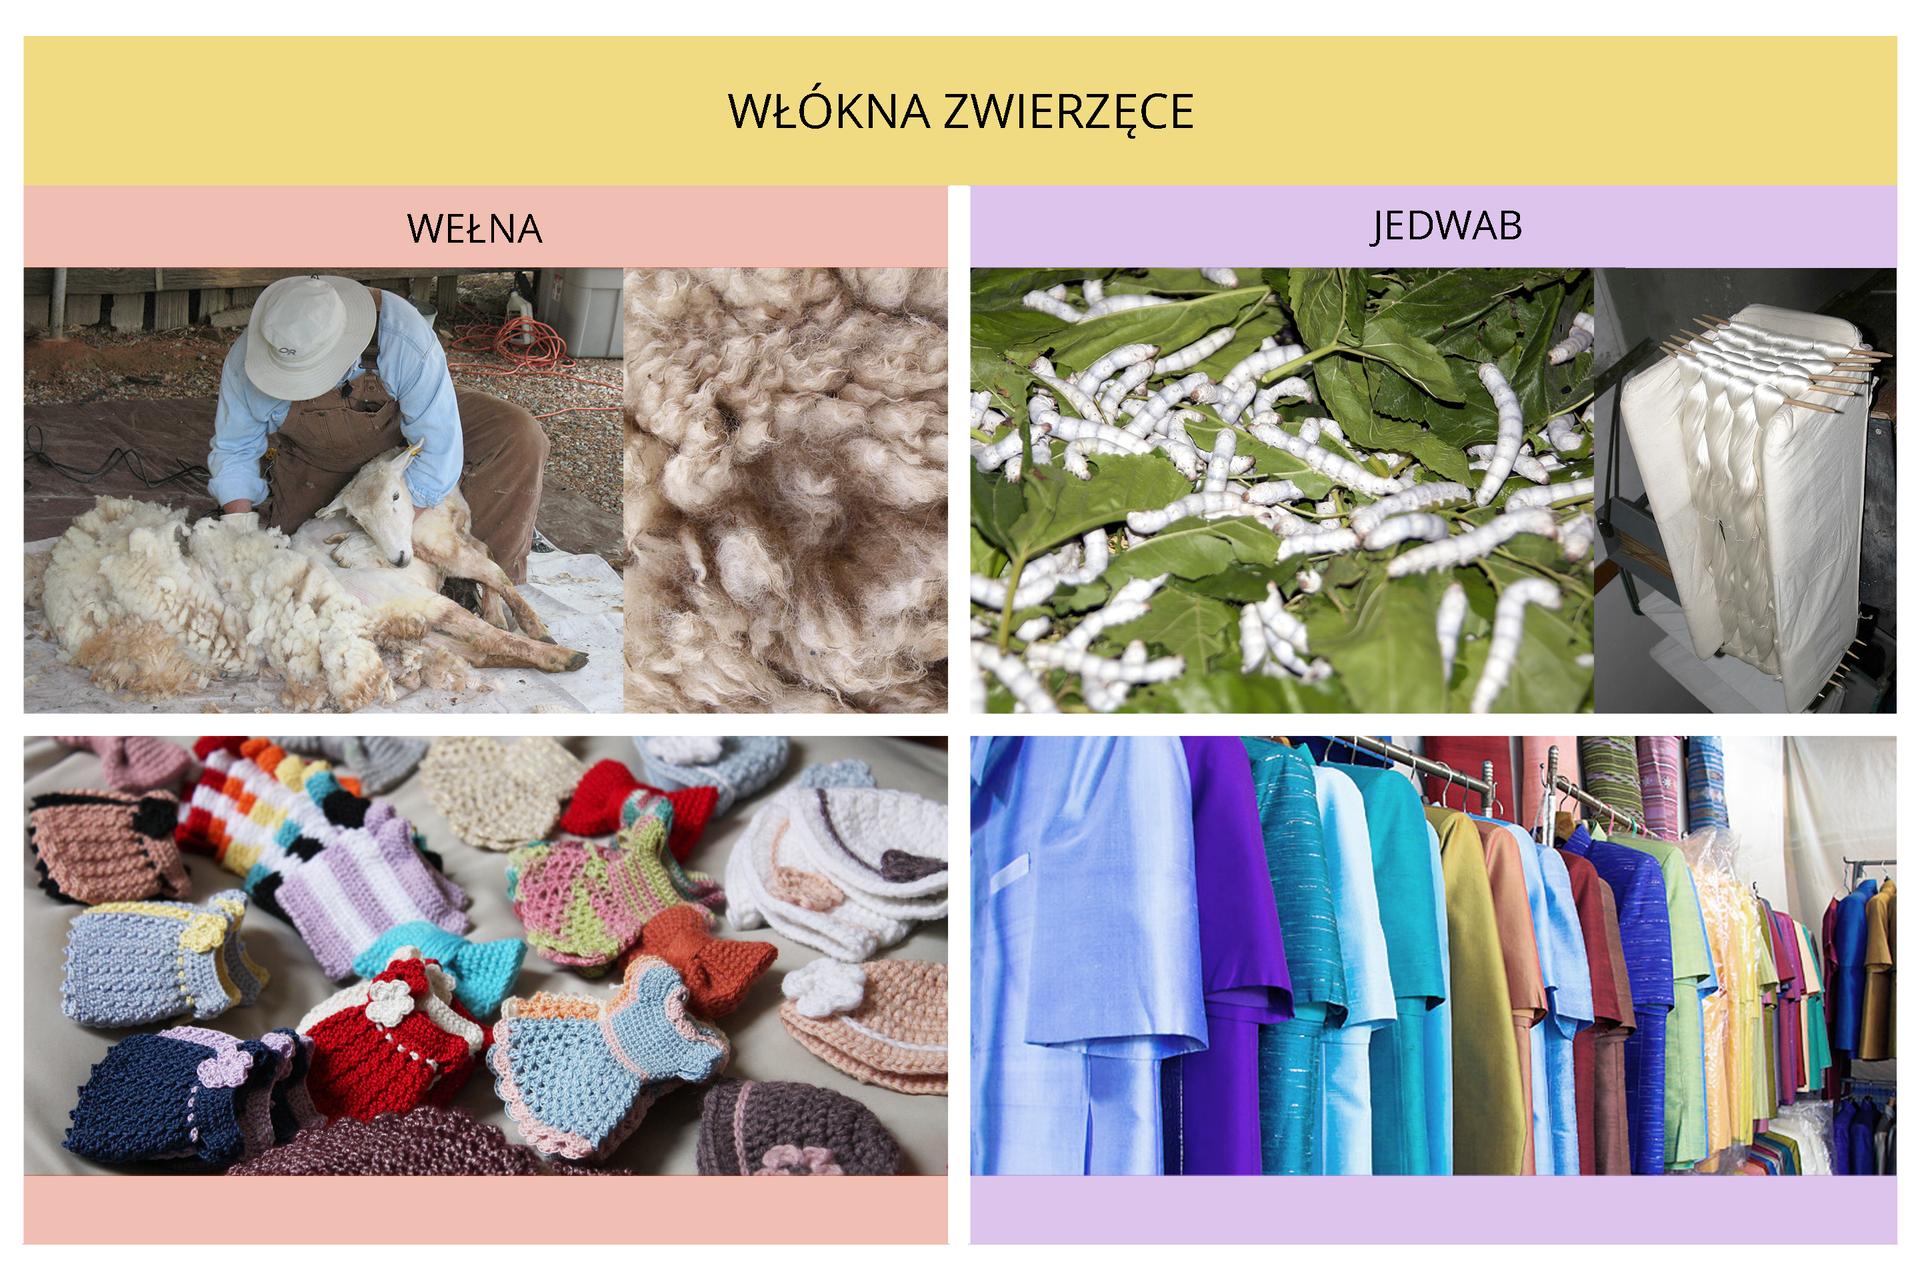 Dwa slajdy – infografiki. Na pierwszej włókna roślinne - zdjęcia roślin iproduktów znich wykonanych - bawełna, len, Sizal (sisal). Na drugiej włókna zwierzęce - wełna ijedwab.